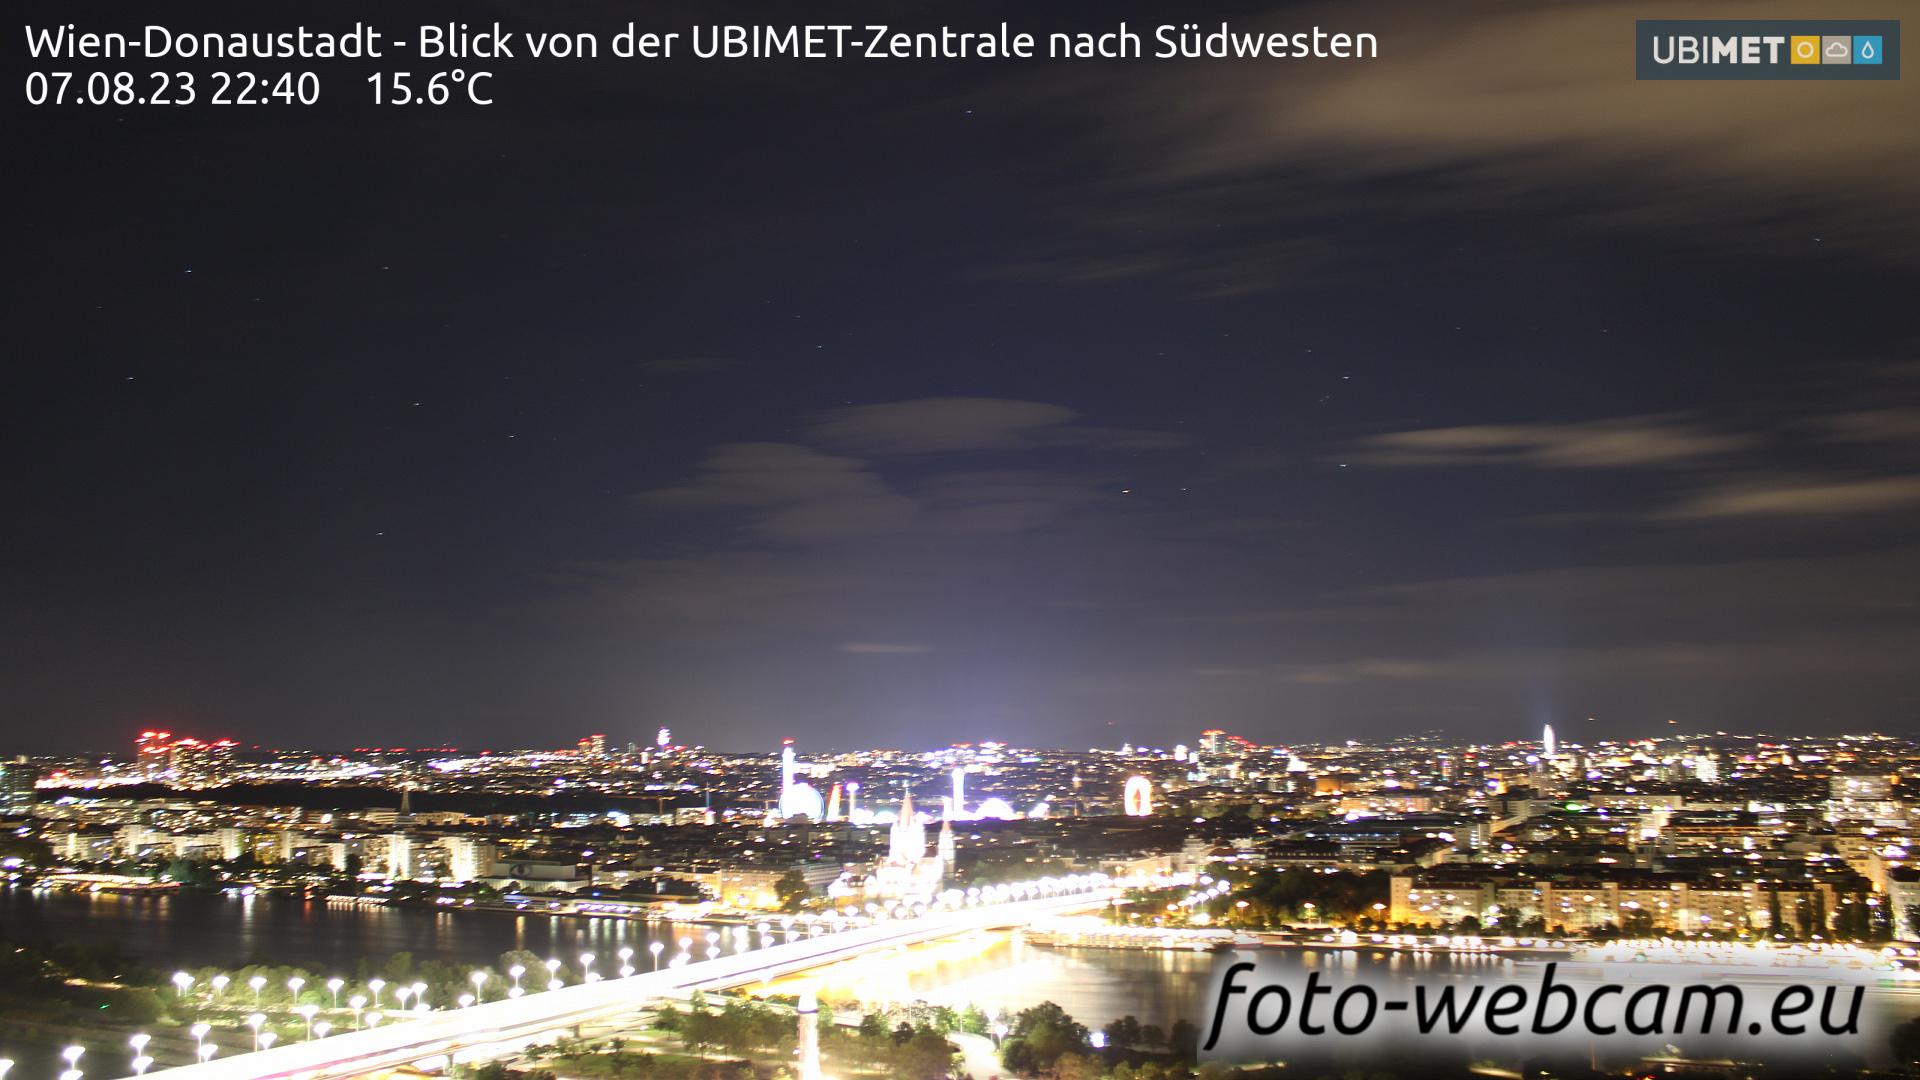 Vienna Sun. 22:46